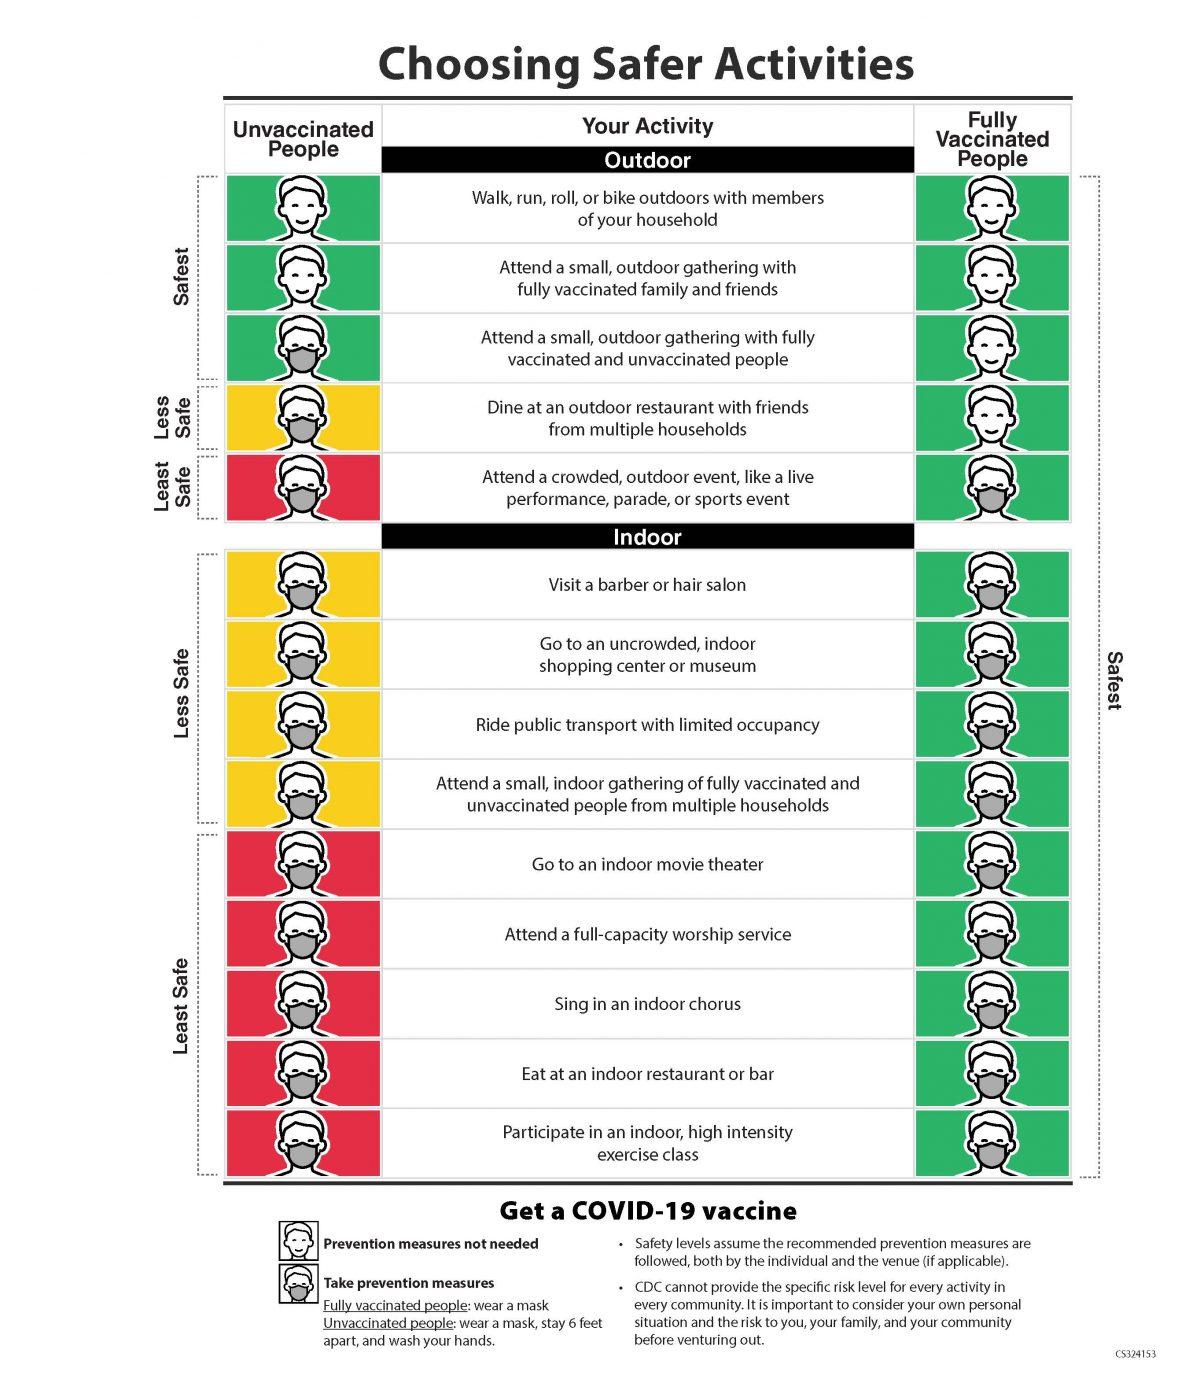 CDC-4-27-21-choosingSaferActivities11-1200x1379.jpg